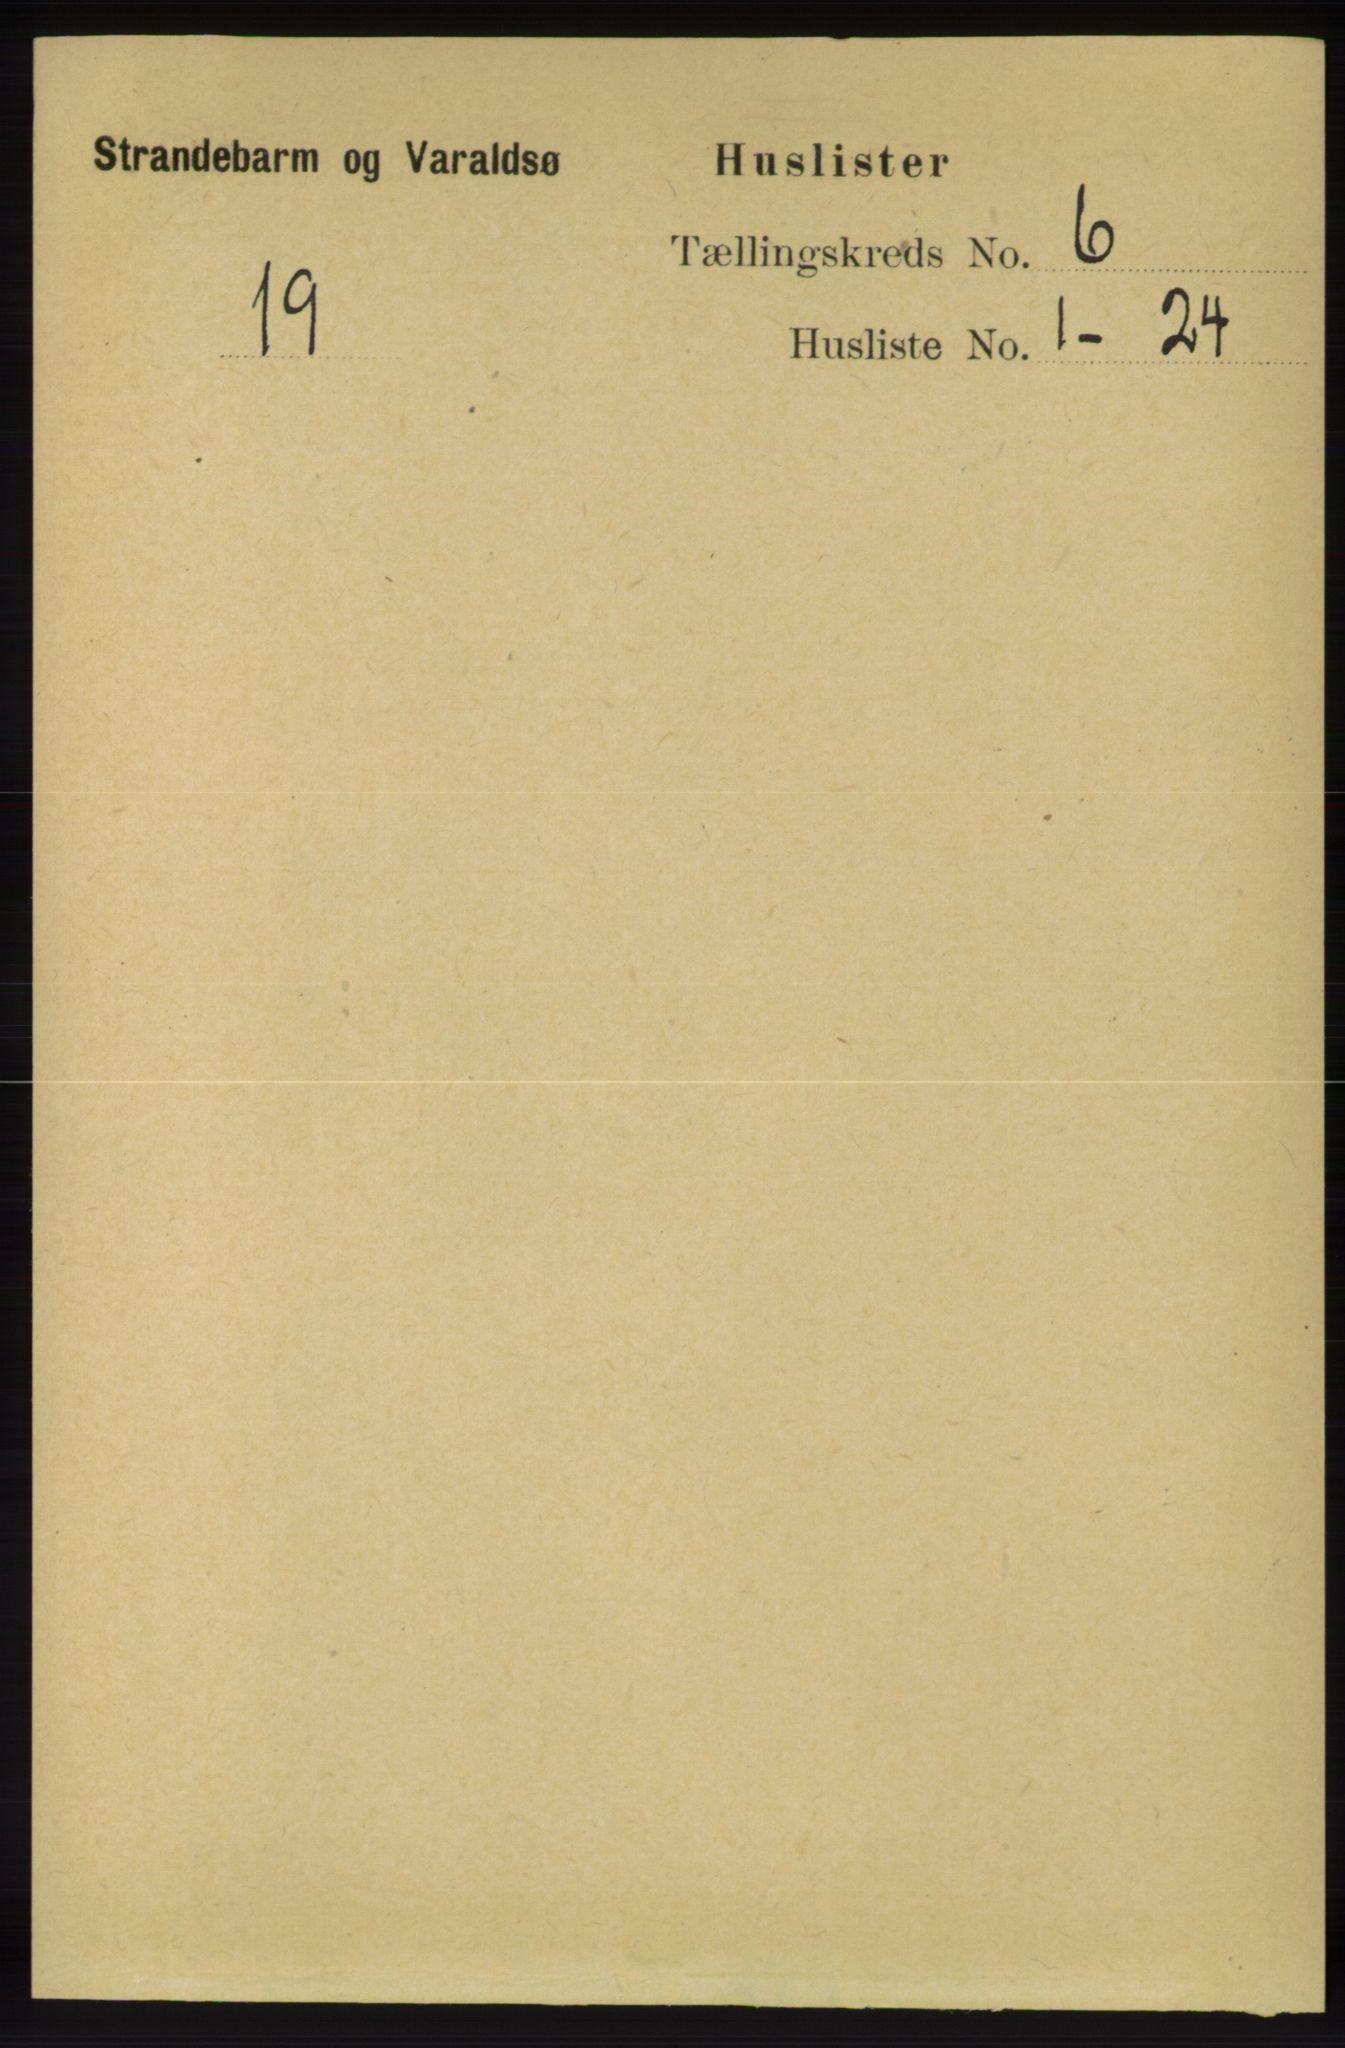 RA, Folketelling 1891 for 1226 Strandebarm og Varaldsøy herred, 1891, s. 2403